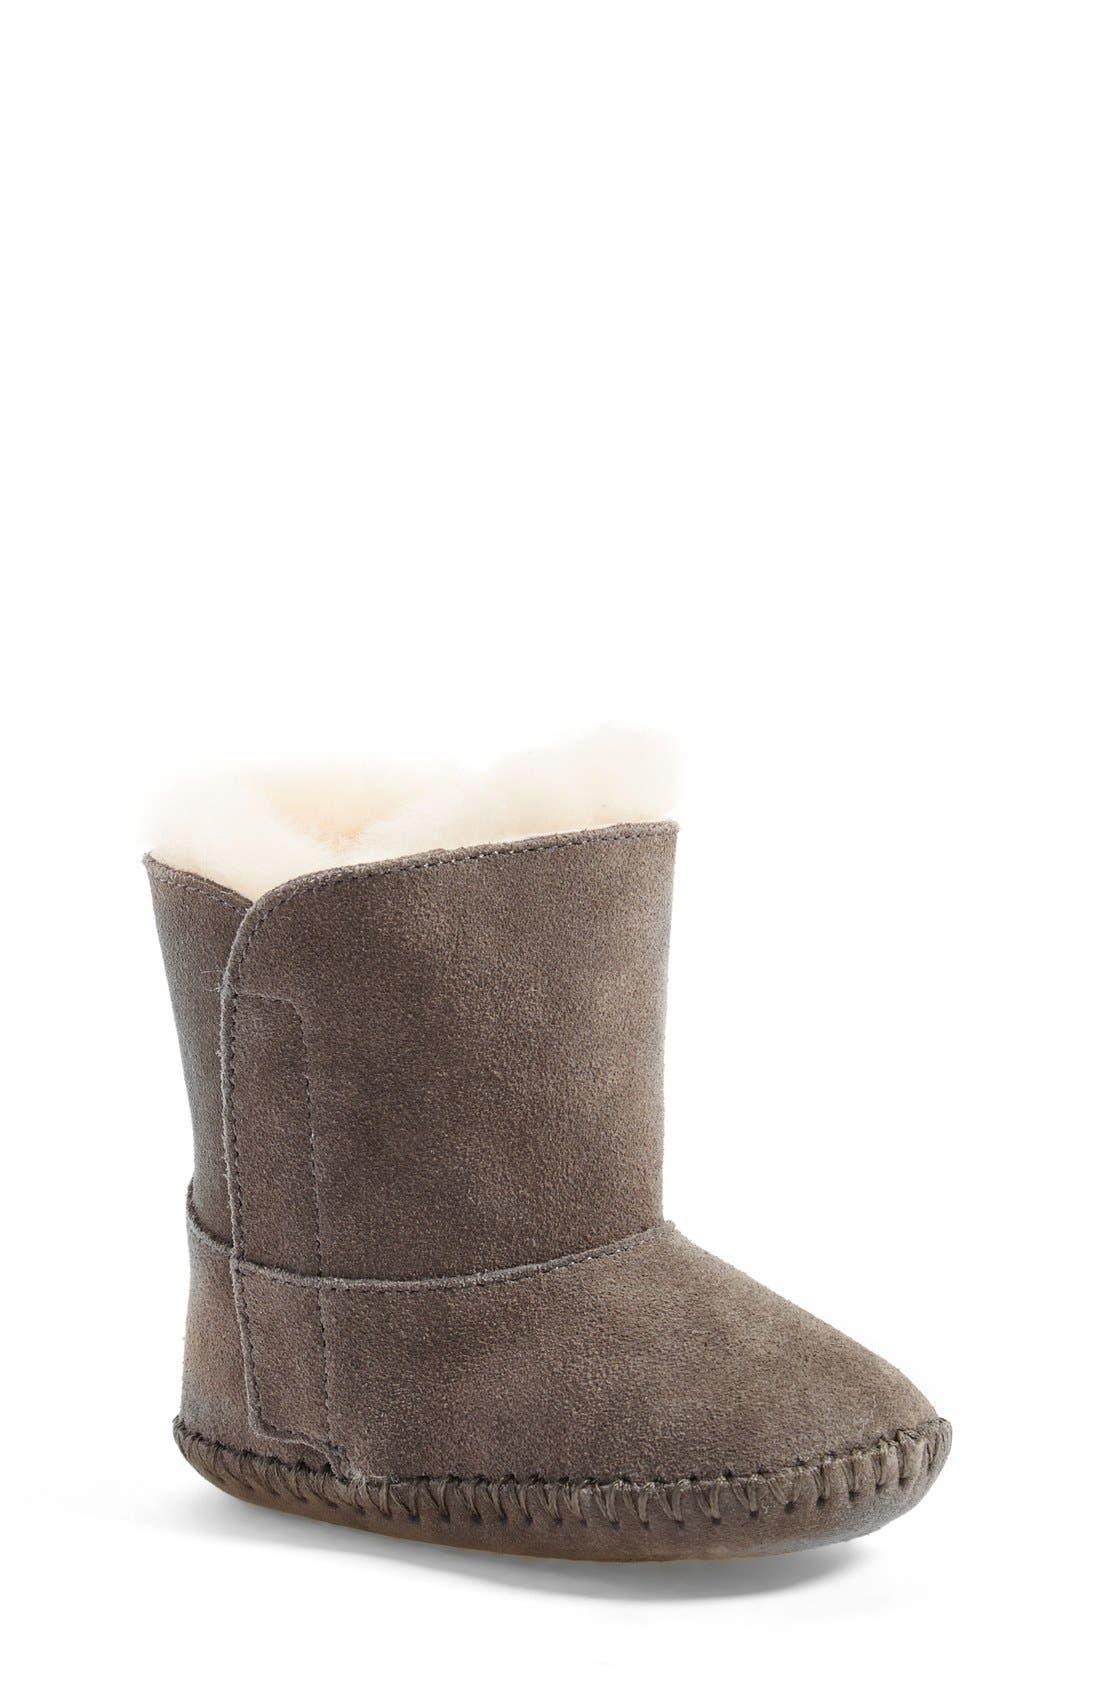 Alternate Image 1 Selected - UGG® Caden Boot (Baby & Walker) (Nordstrom Exclusive)